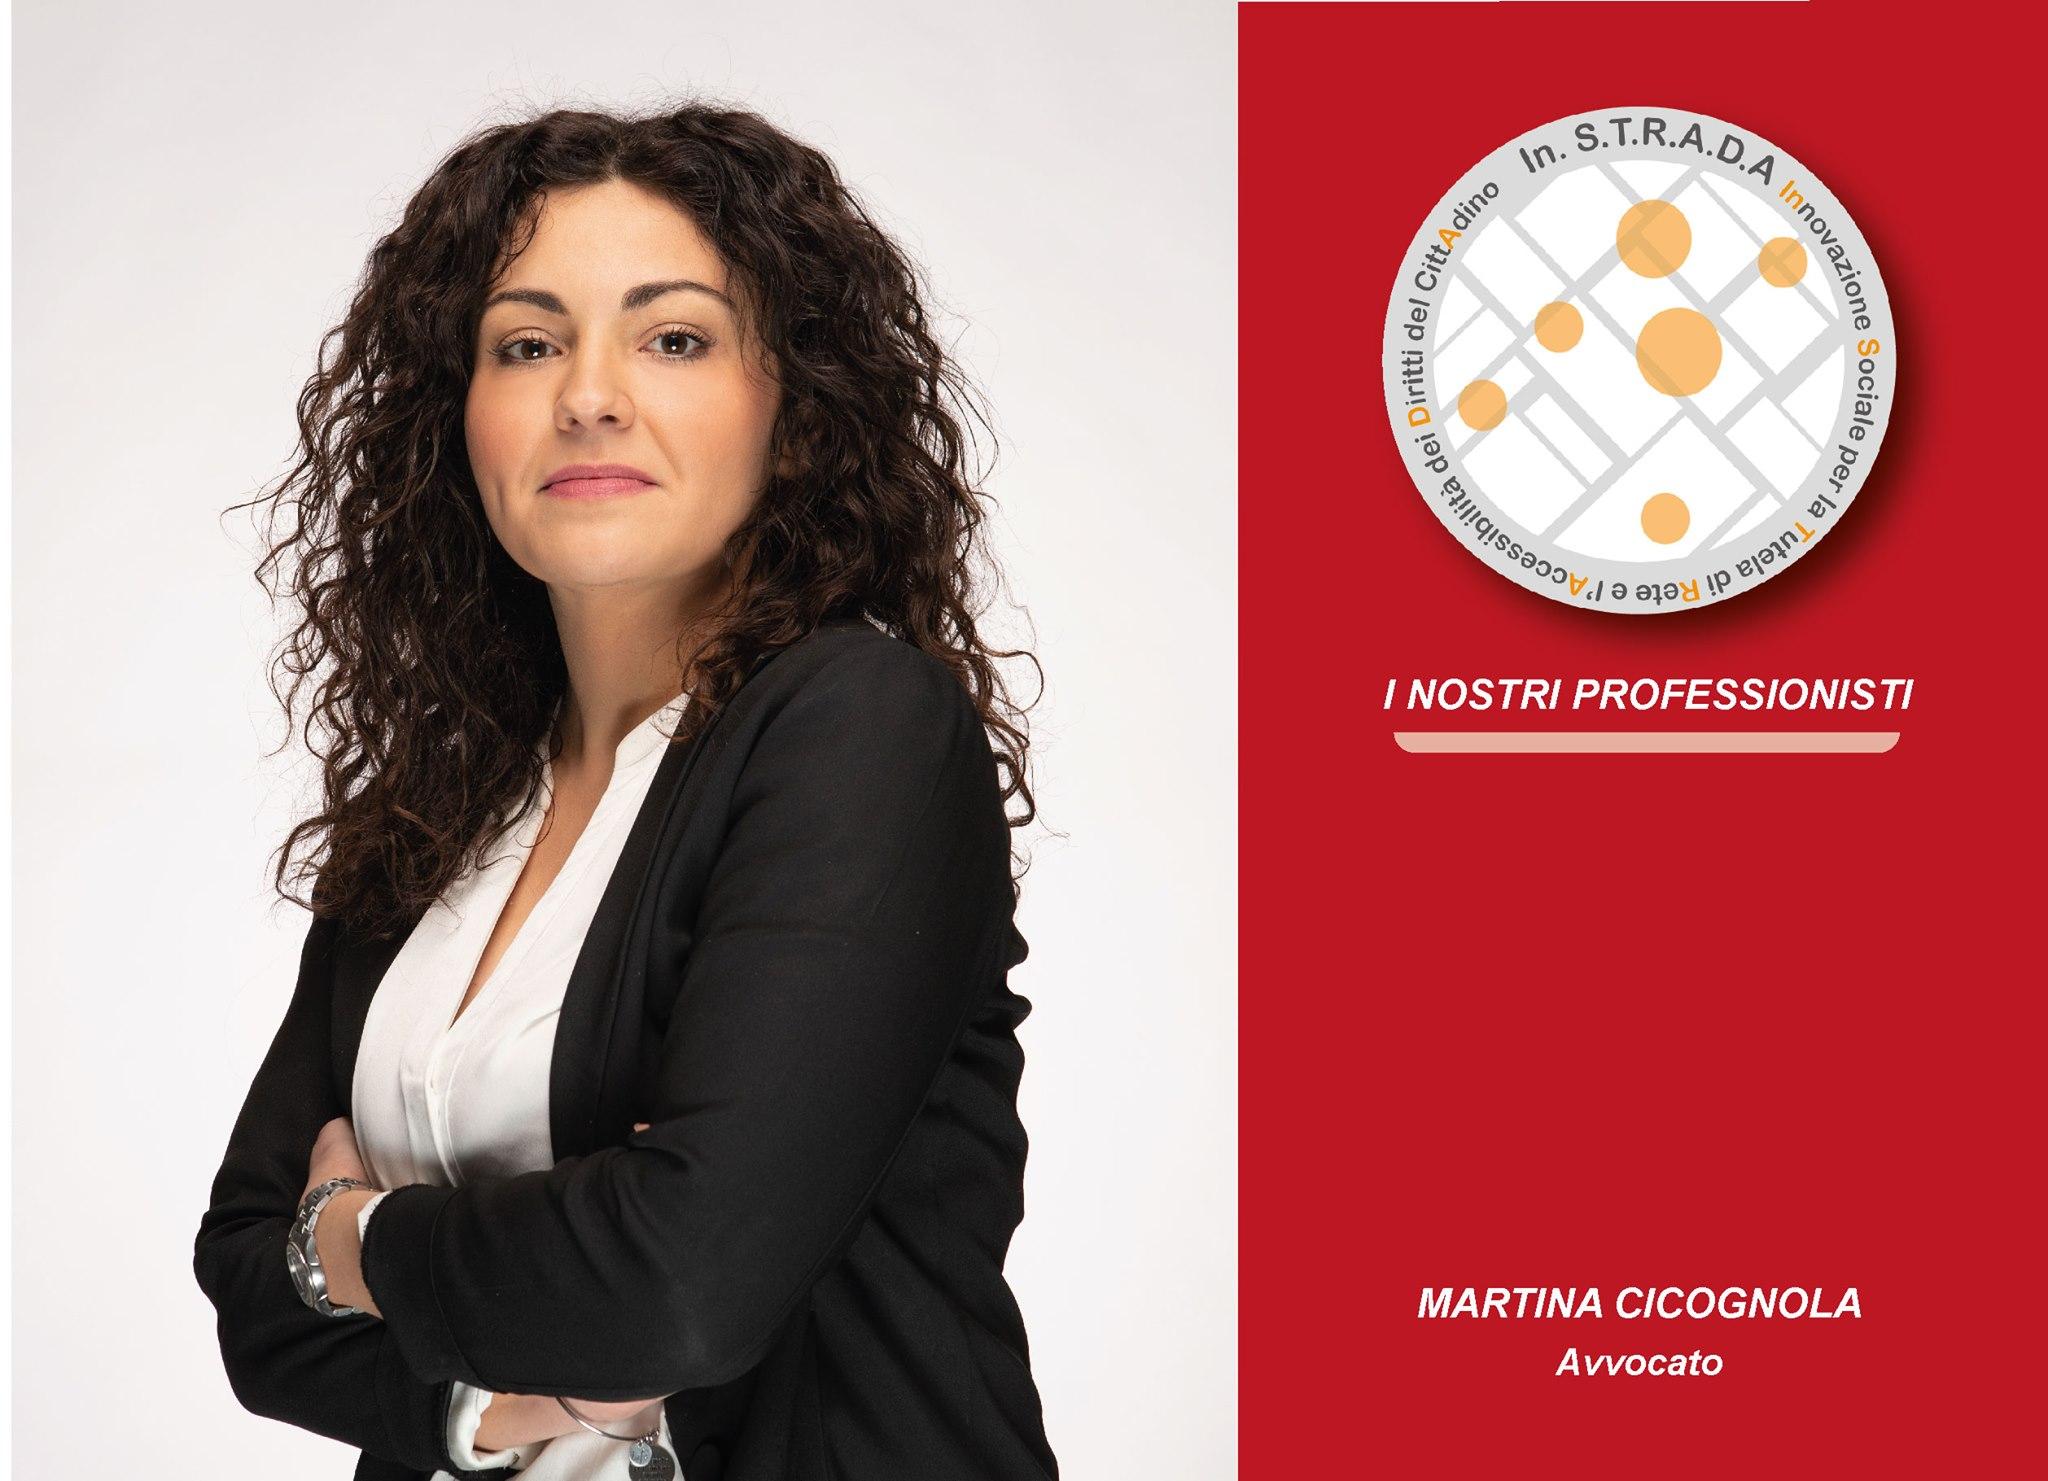 Associazione In.S.T.R.A.D.A/Martina Cicognola, avvocato